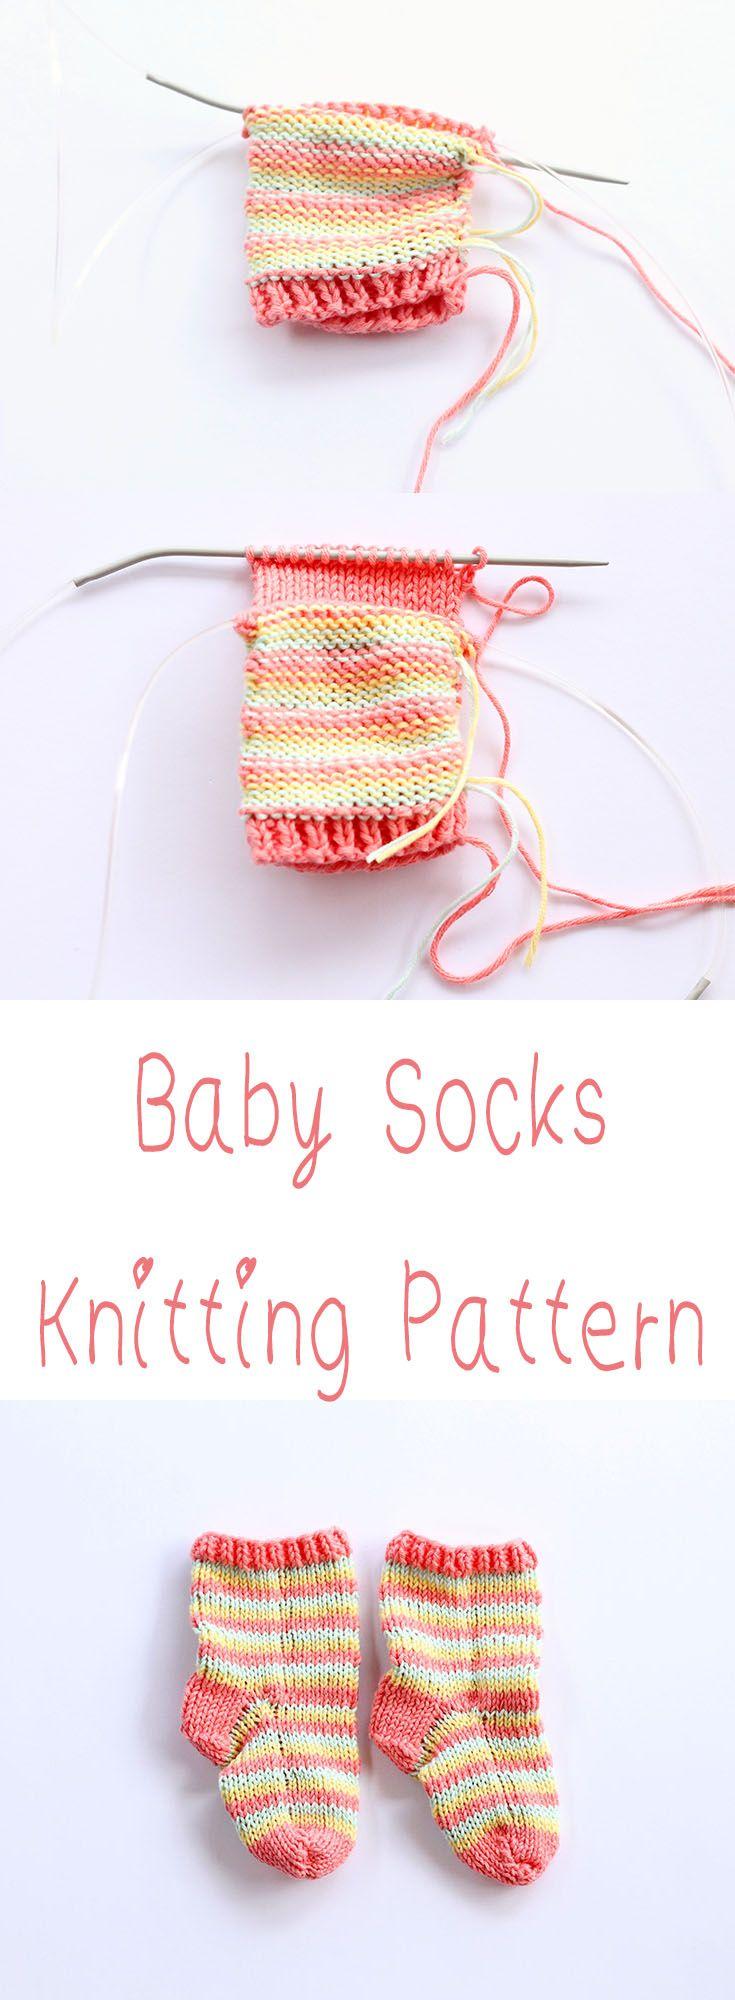 Baby Socks Knitting Pattern | Schuhe für Babys, Baby stricken und ...